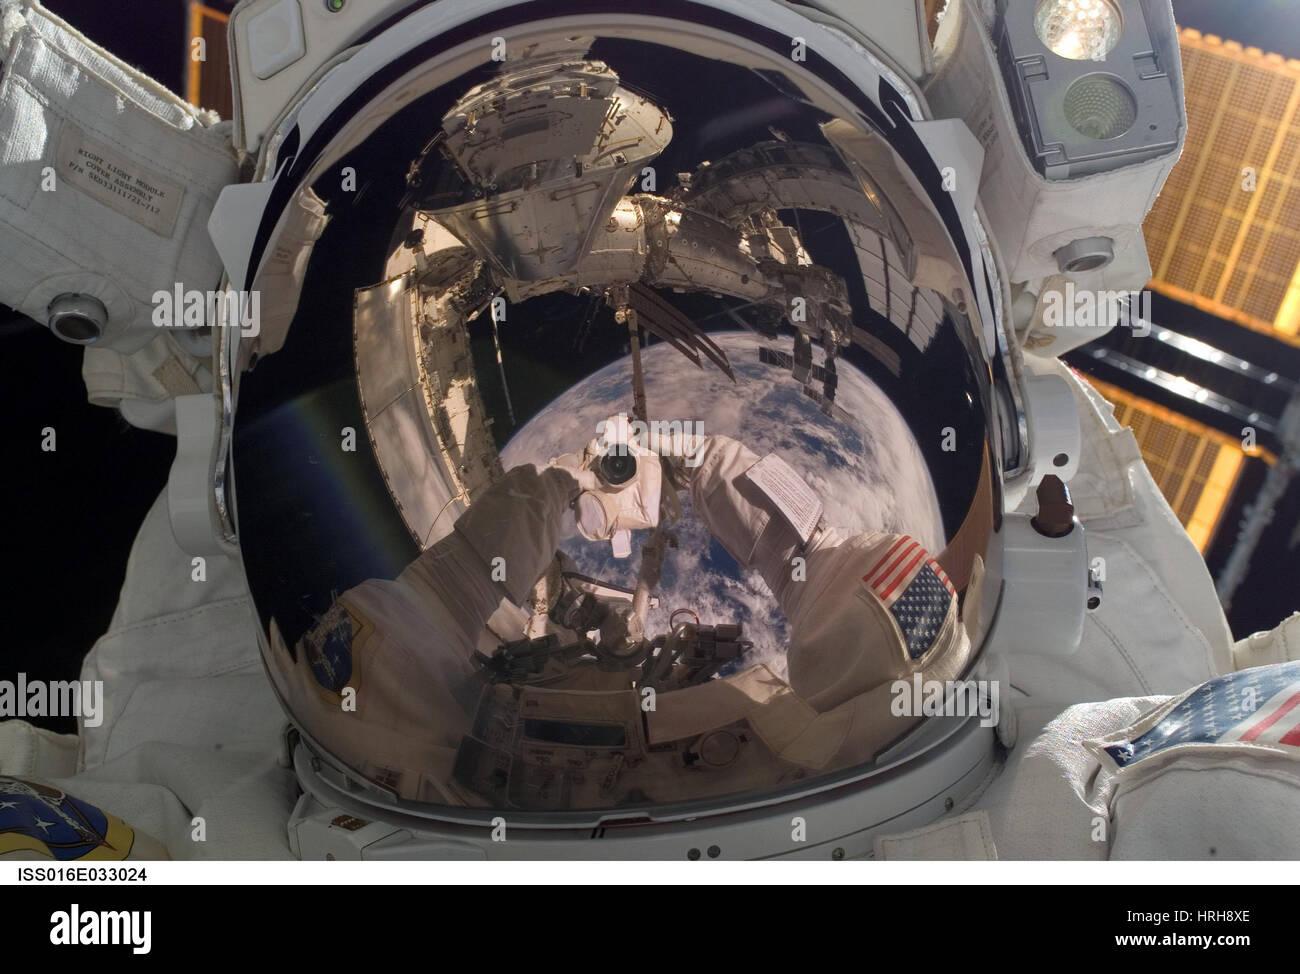 Self-portrait of astronaut Robert Behnken - Stock Image